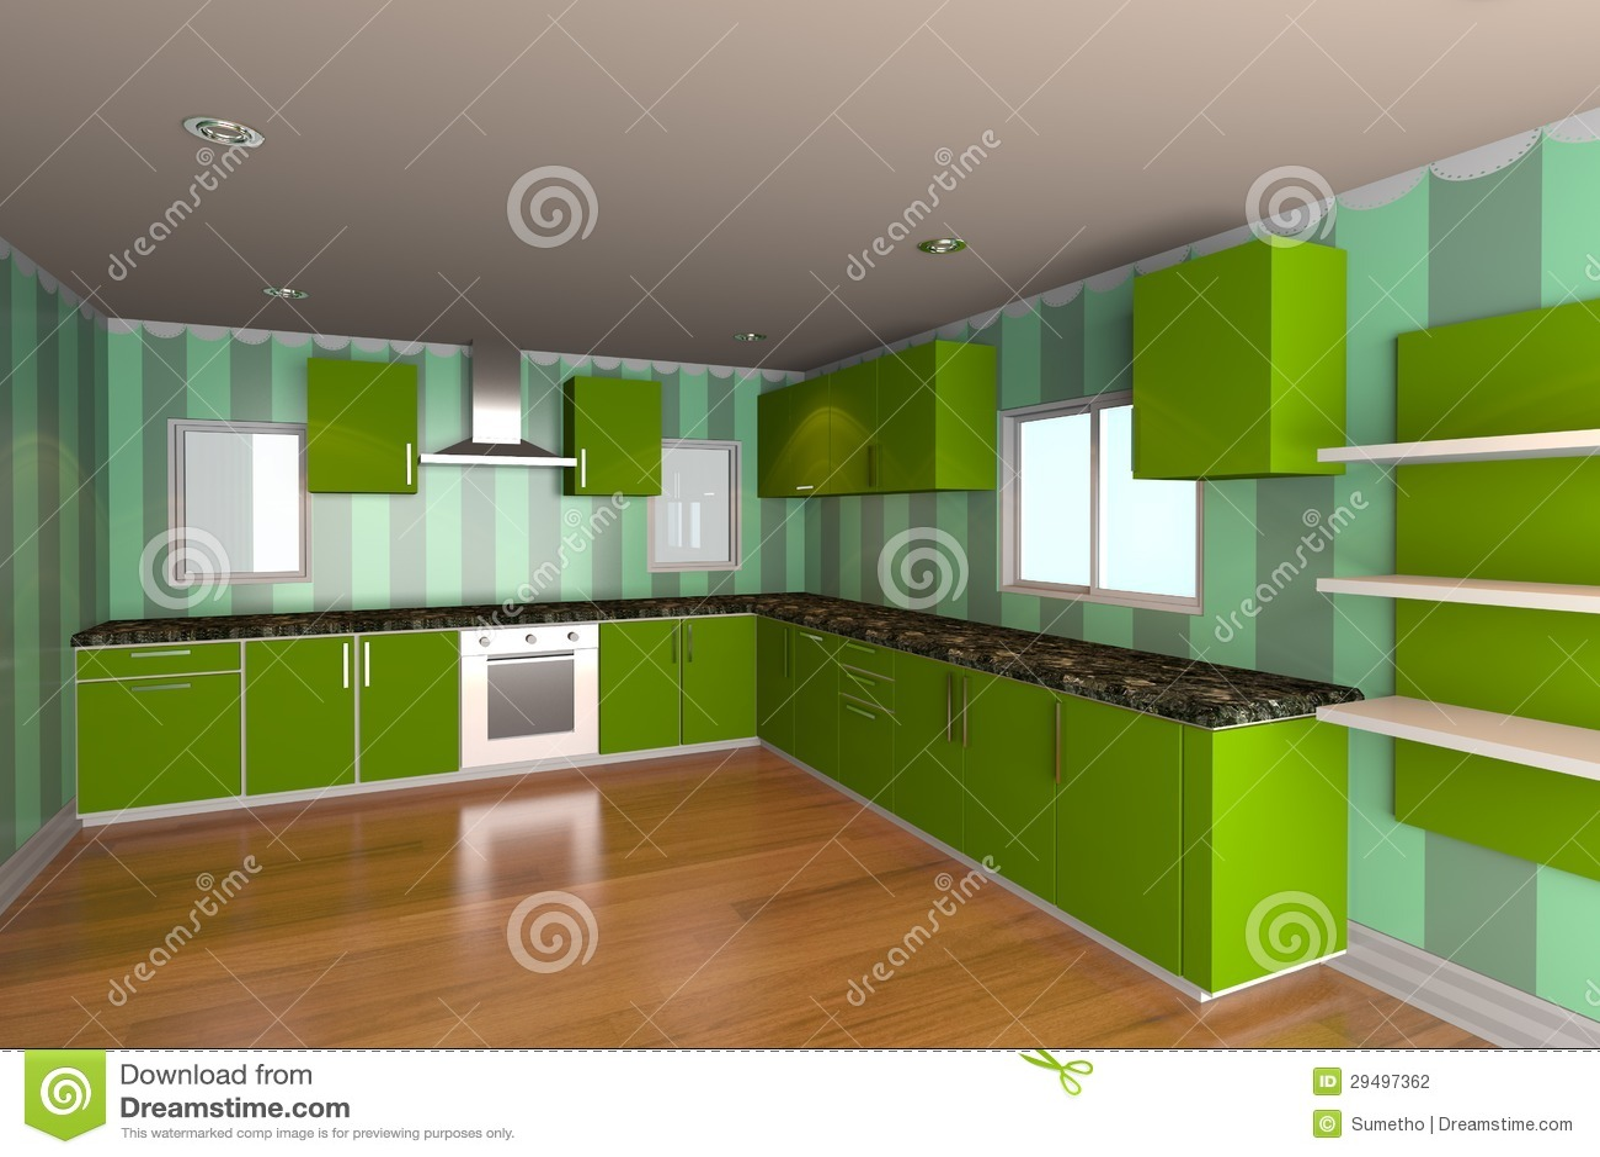 Stanza della cucina con la carta da parati verde for Carta parati verde